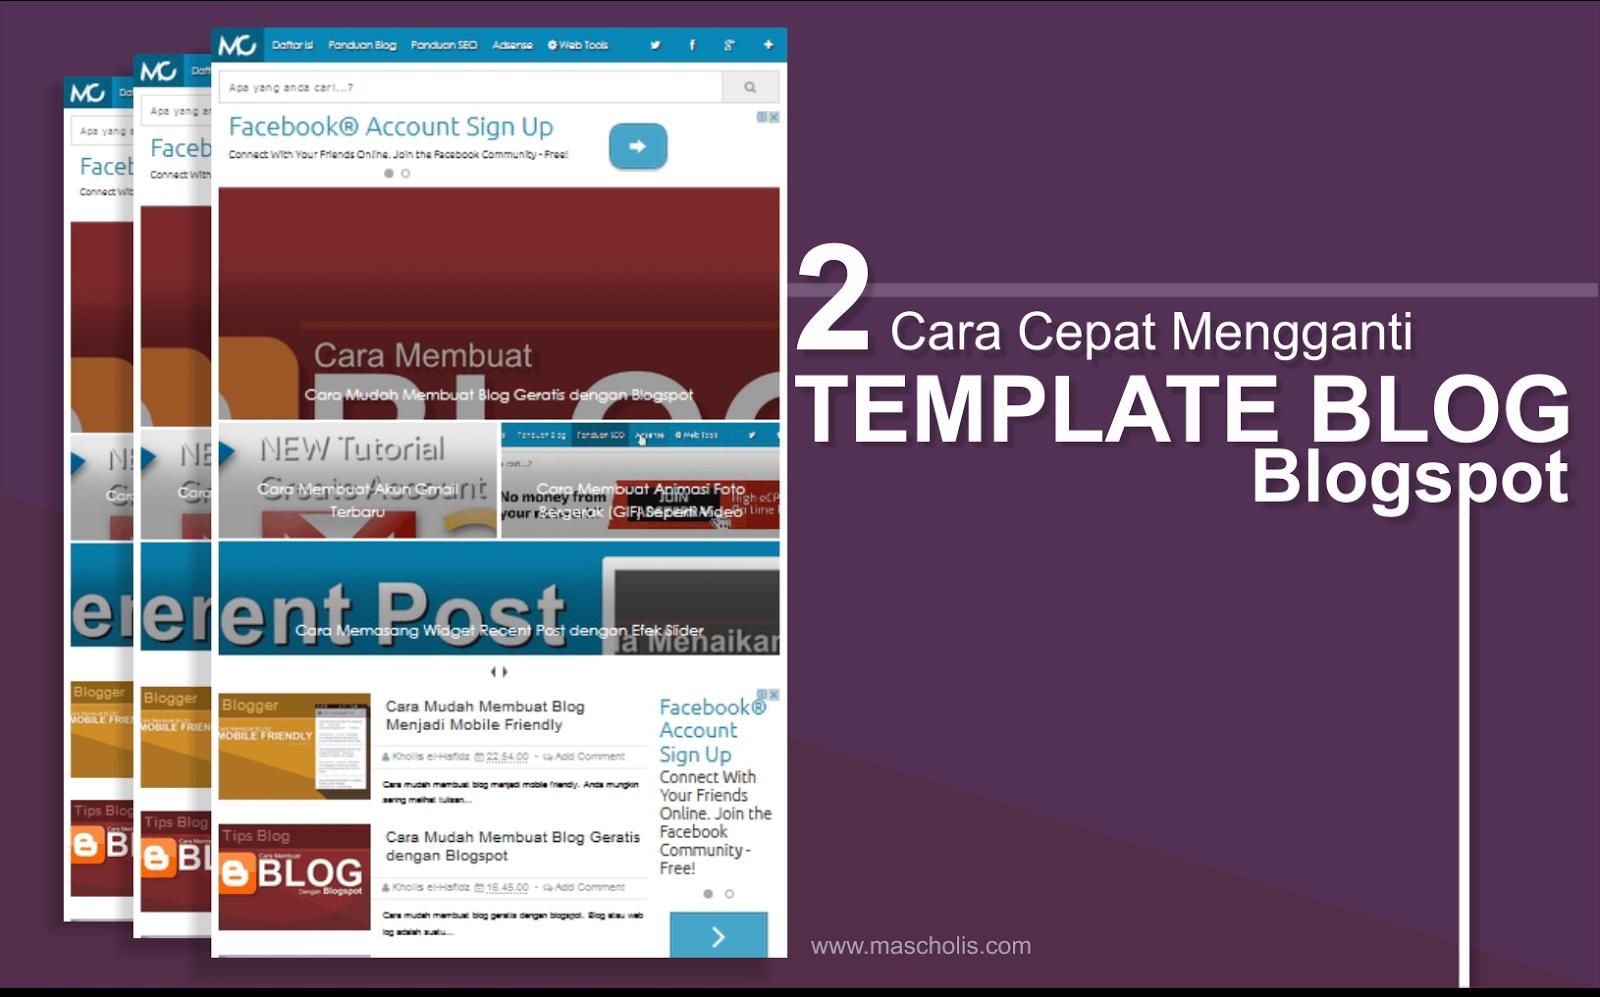 Cara Cepat Mengganti Template Blogspot